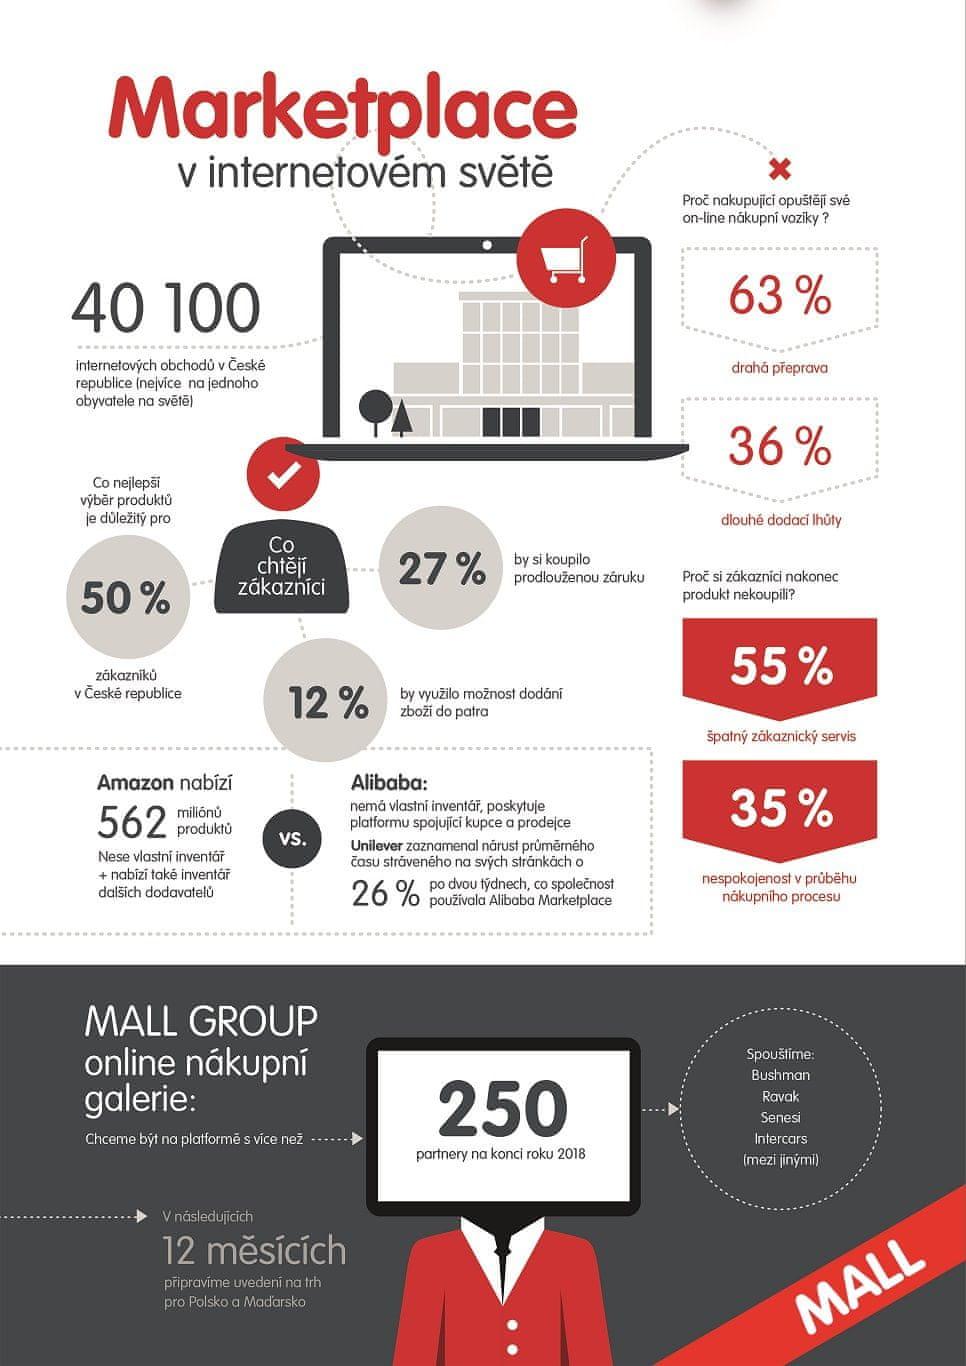 infografika marketplace